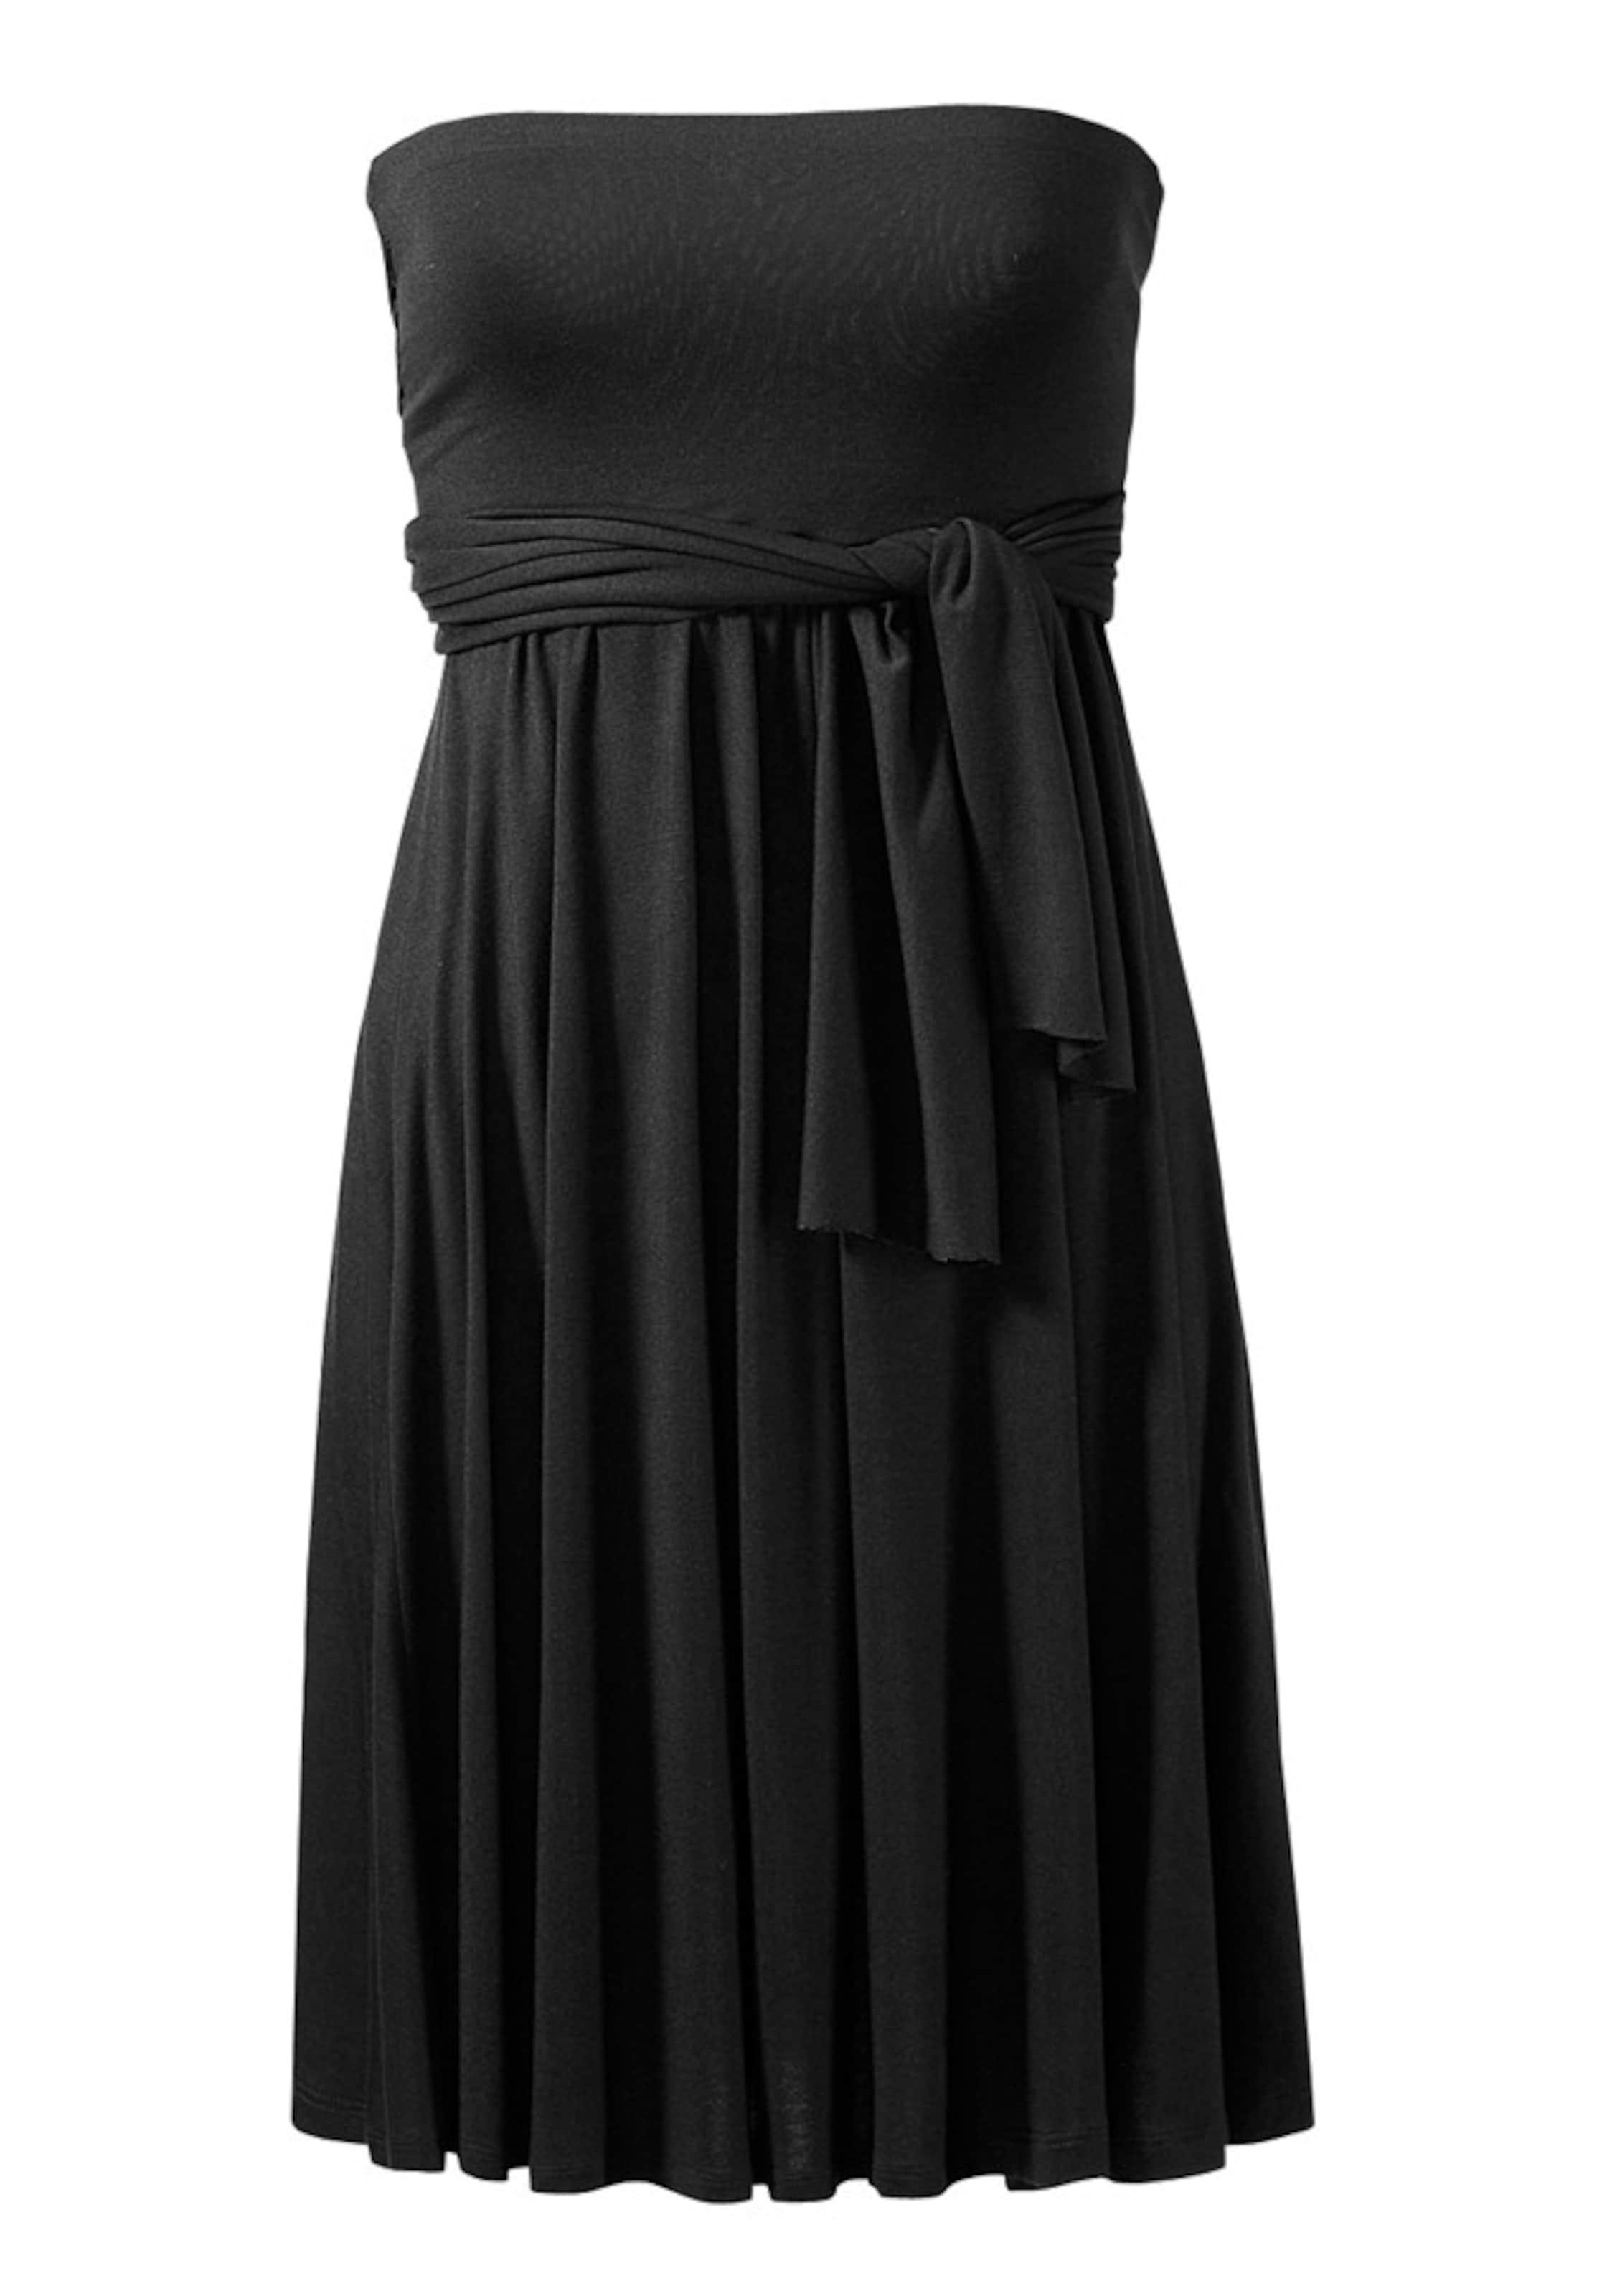 LASCANA Strandkleid mit 5 Tragevarianten Bestellen Günstig Online Günstig Kaufen Klassisch luLRP5nq